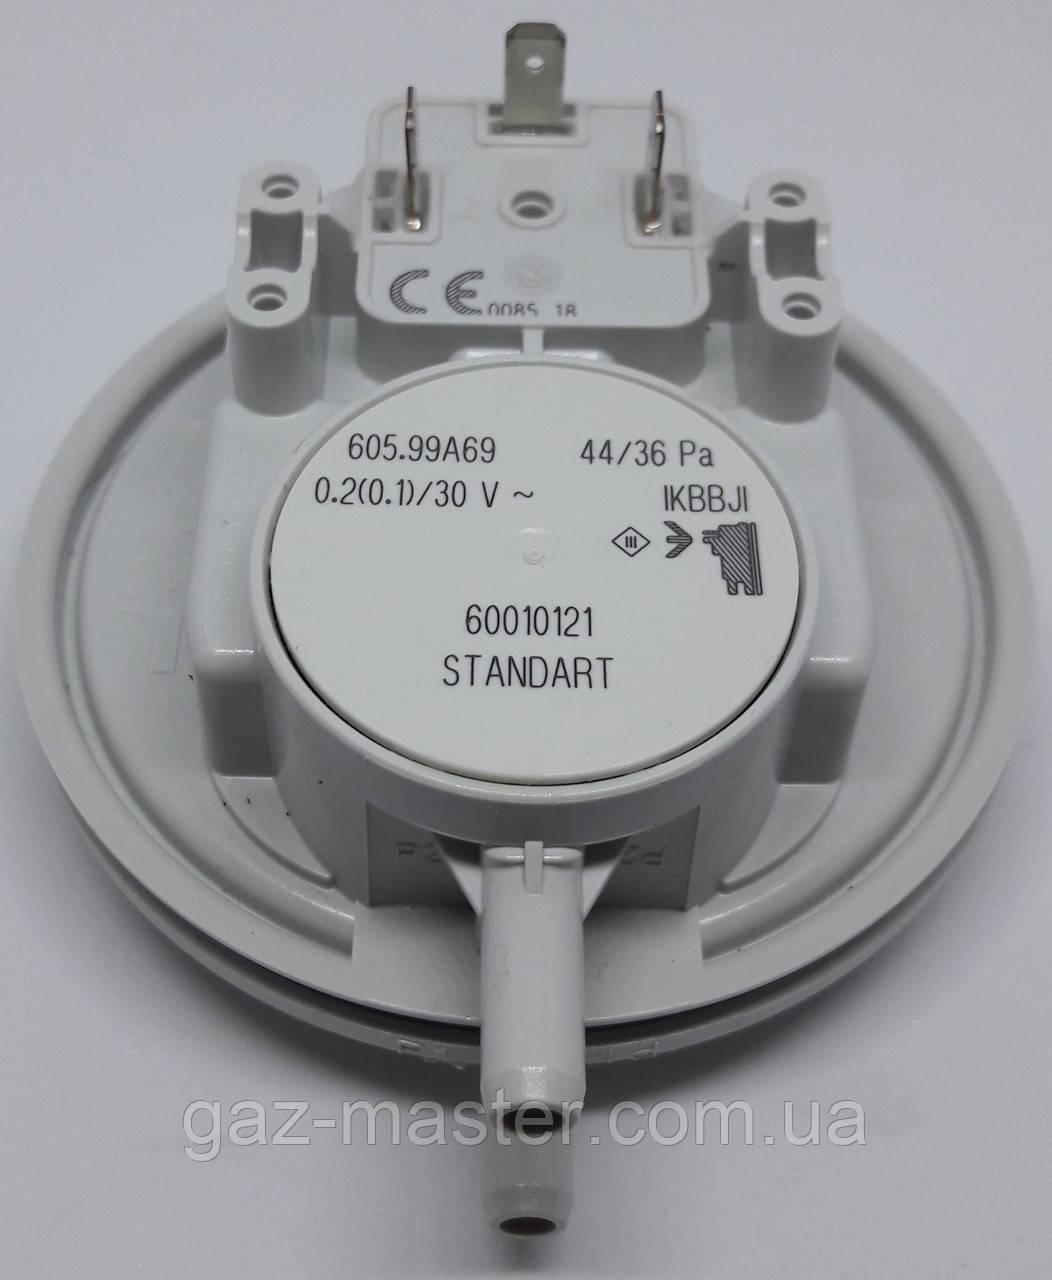 Датчик давления воздуха вентилятора Huba Control 44/36 Pа